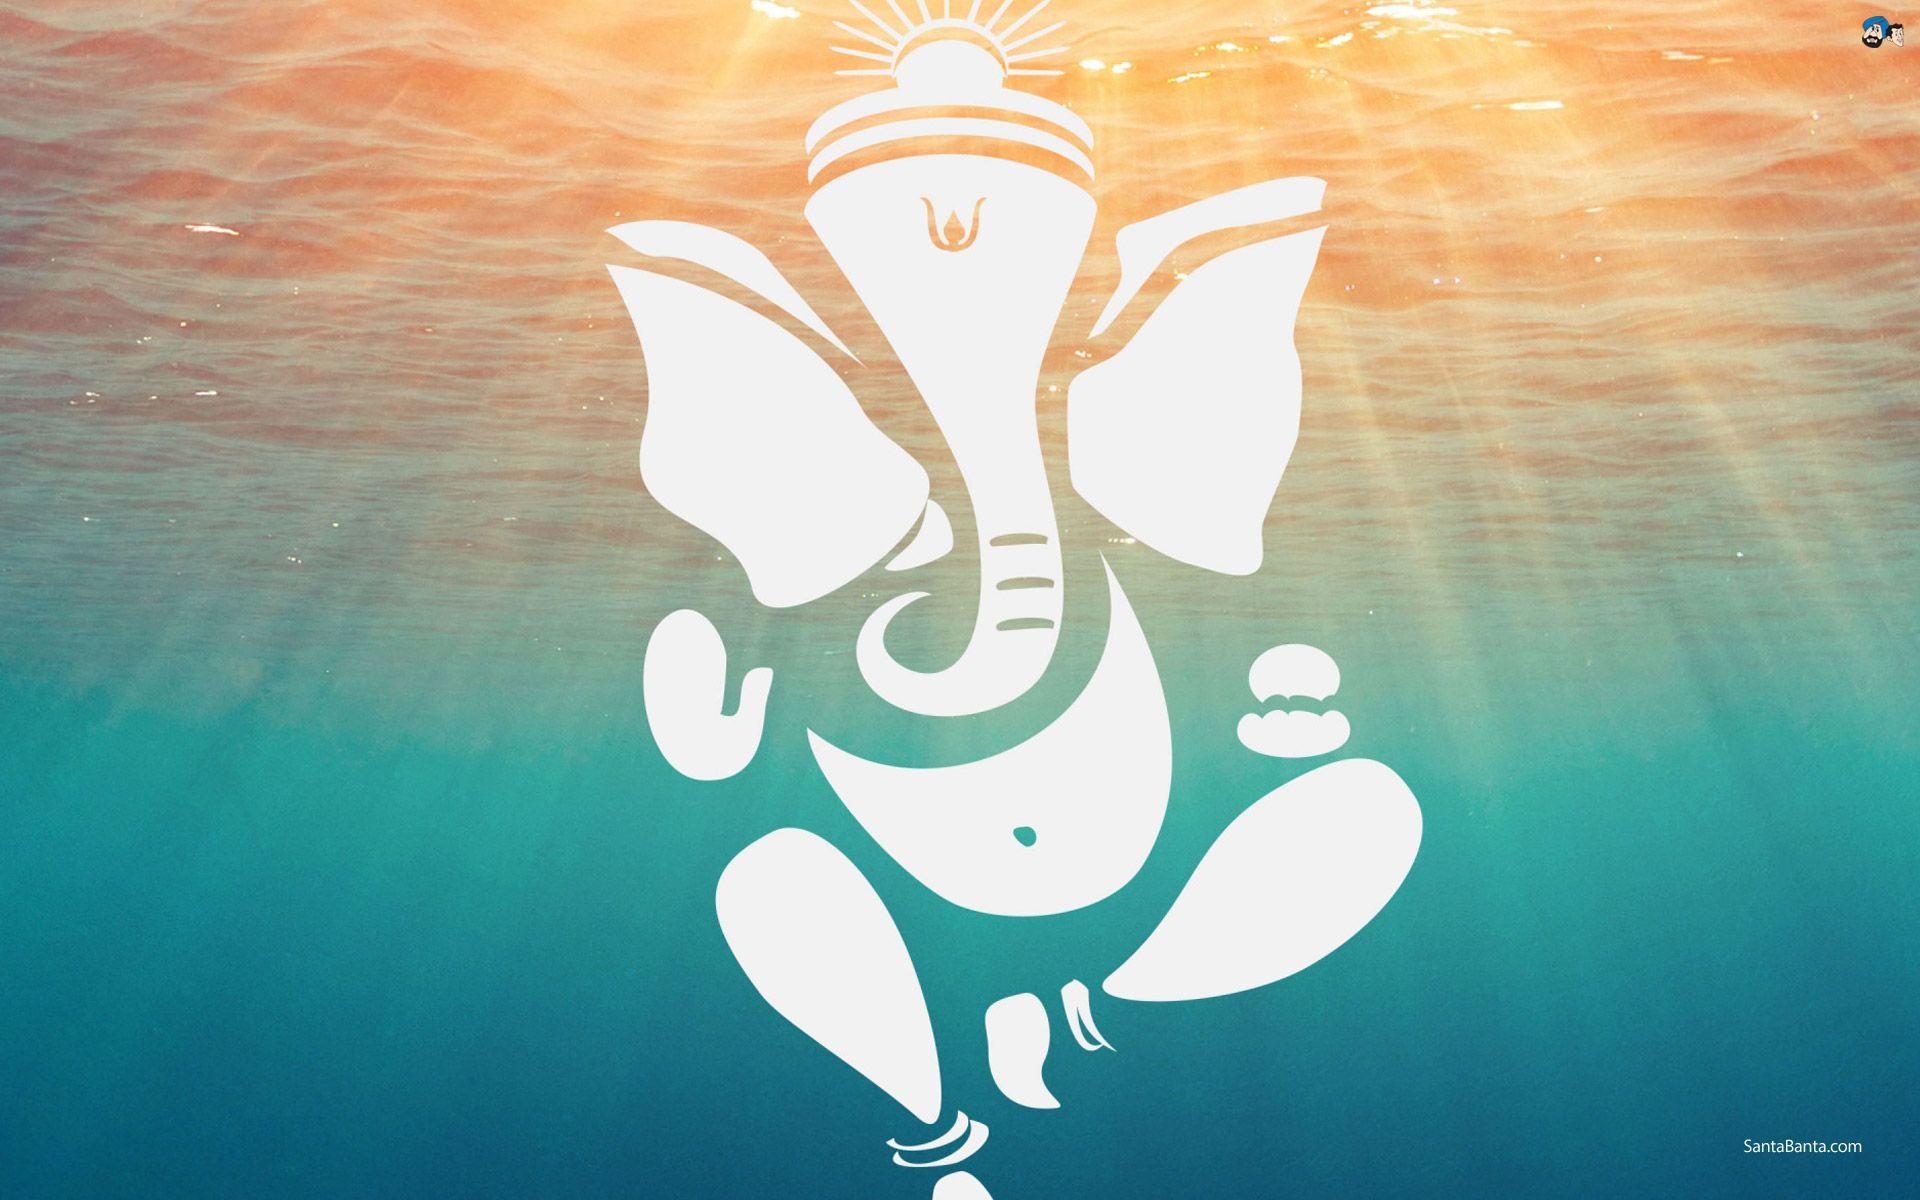 Artistic Wallpaper Ganpati Images Allwallpaper